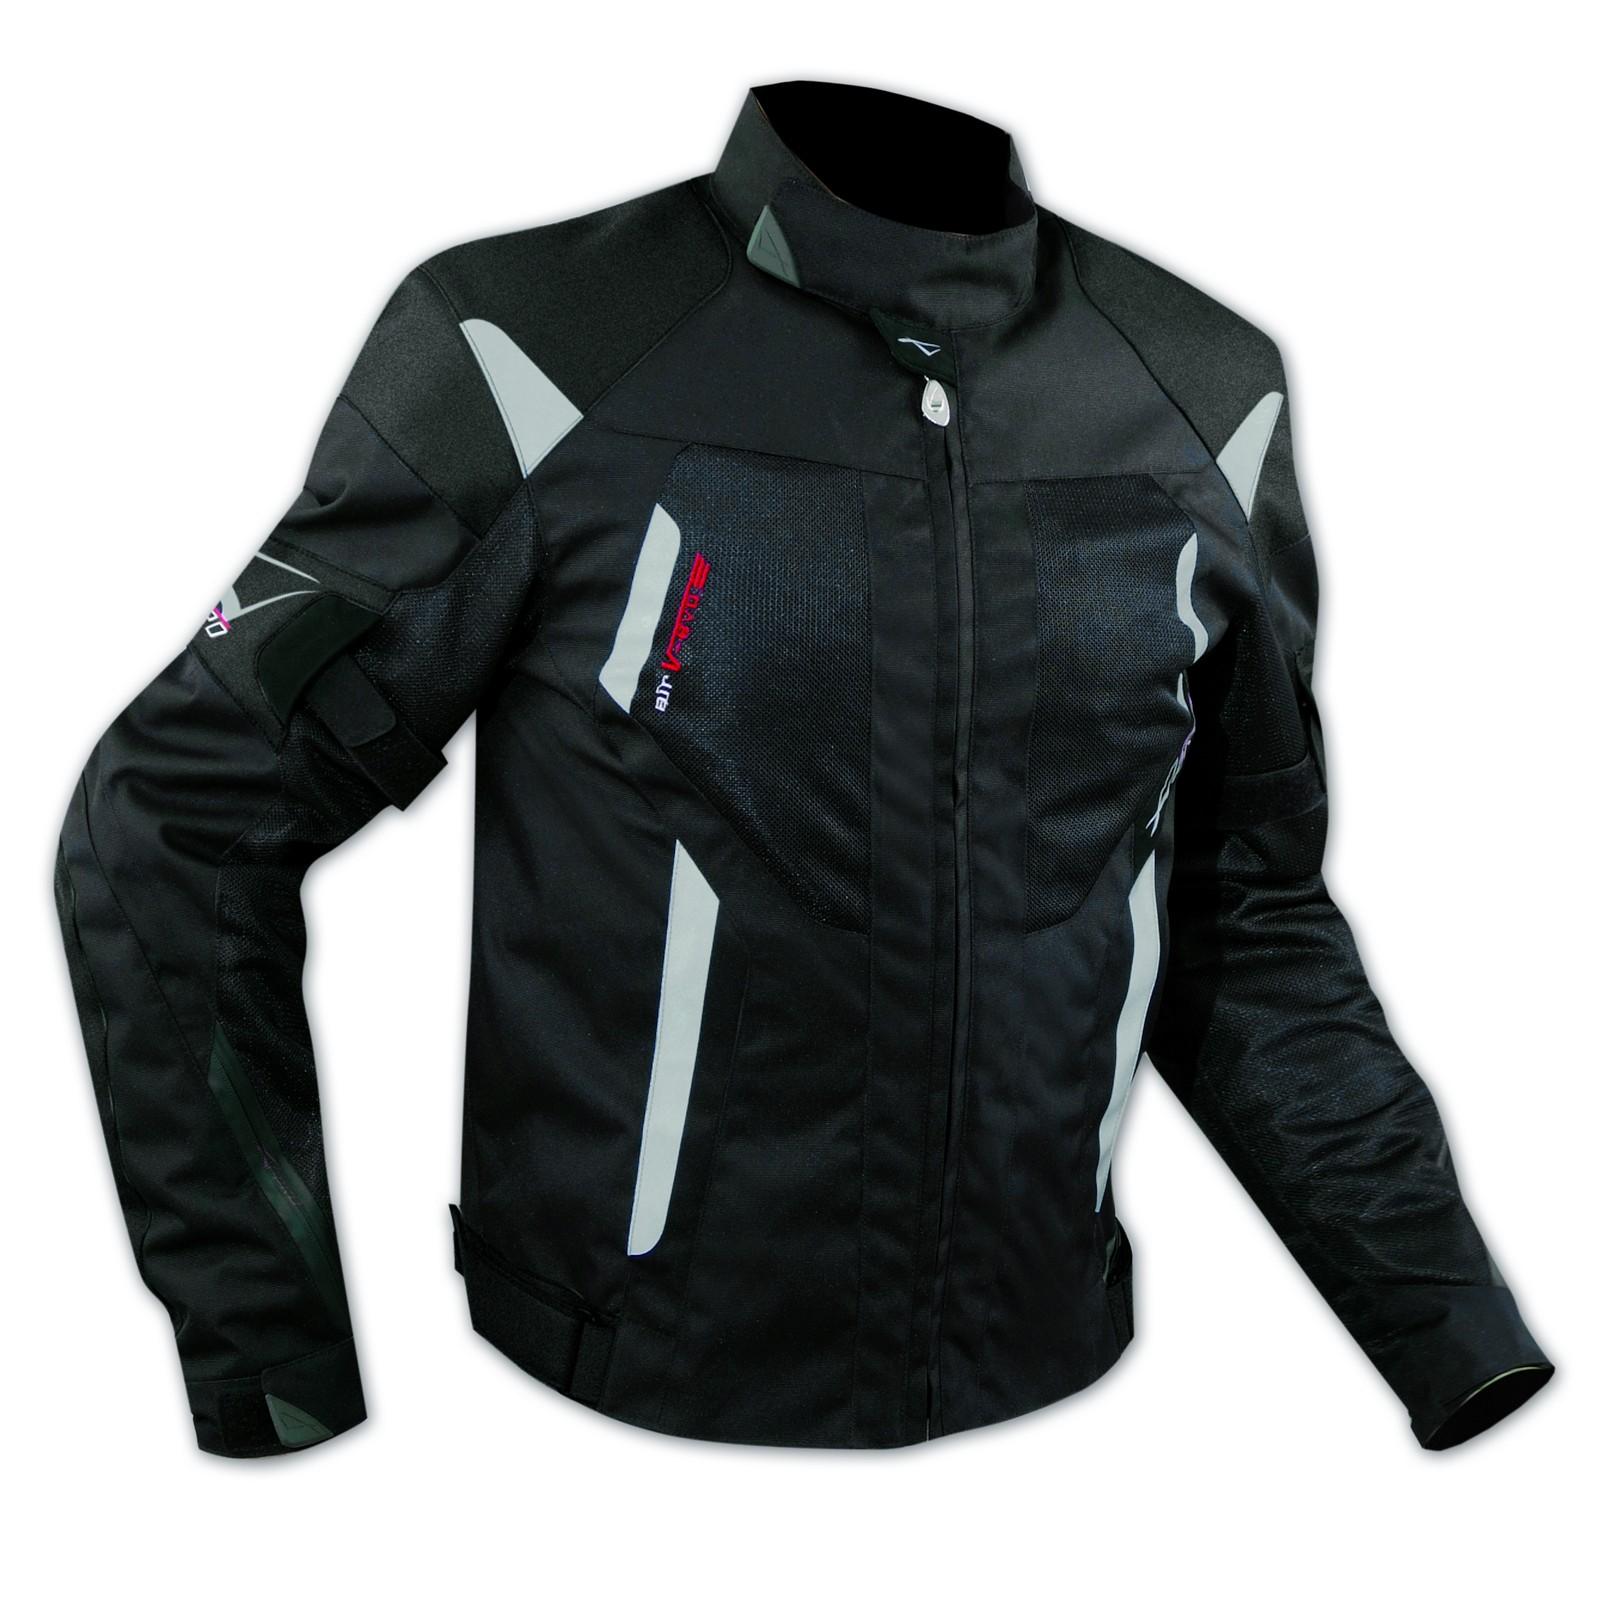 vendite calde 79e28 09e32 Giacca Moto Tessuto Cordura Mesh Rete Traforata Protezioni CE Omologate Nero